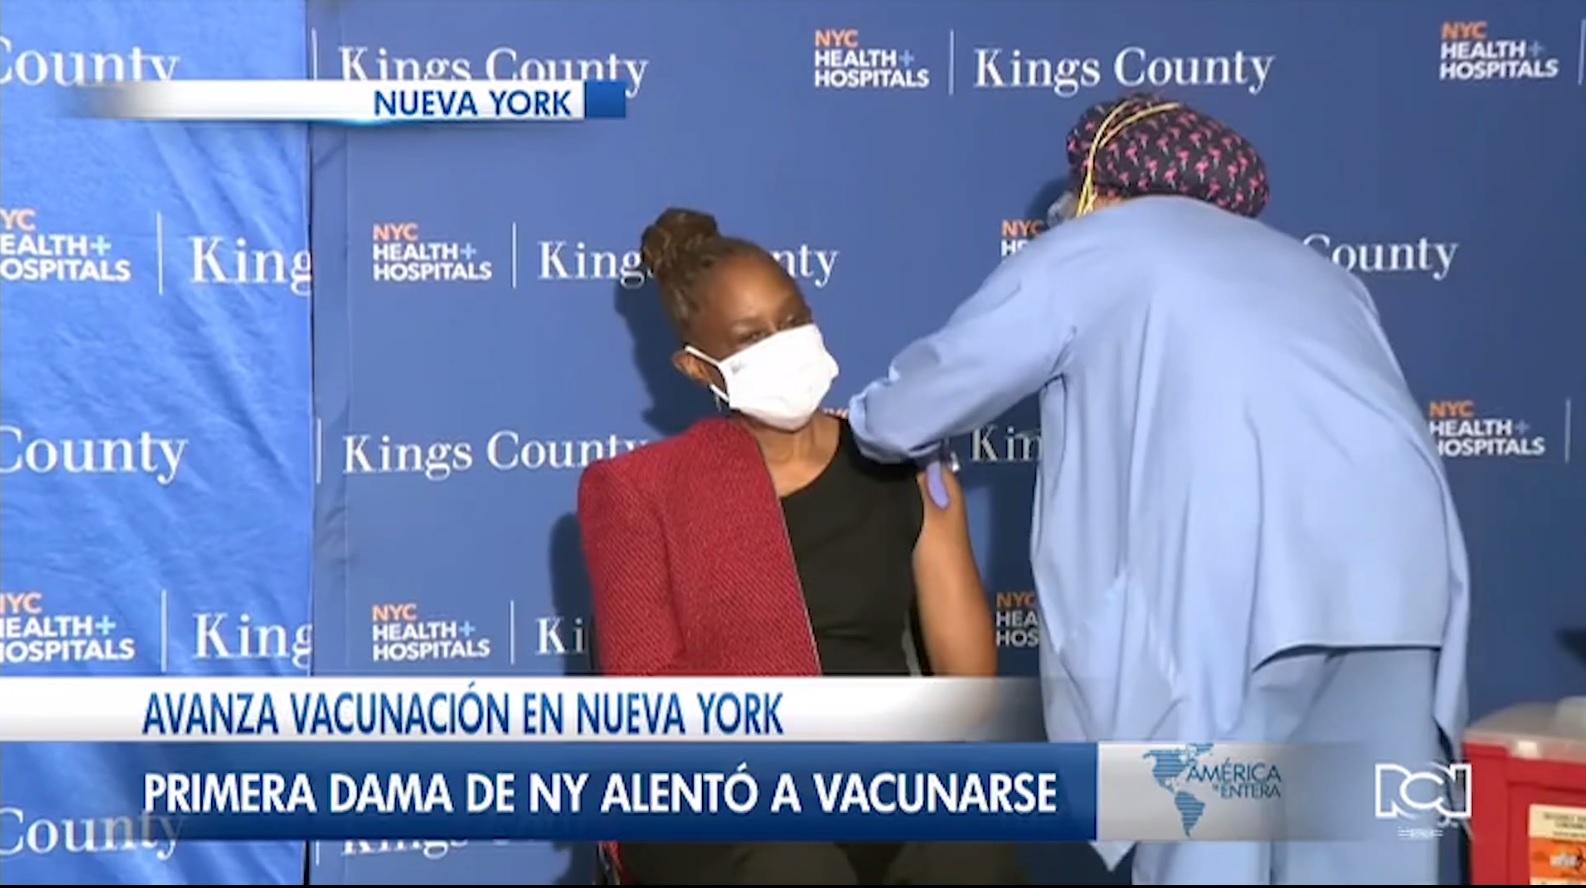 Nueva York ya aplicó más de 1 millón de vacunas contra el Covid-19